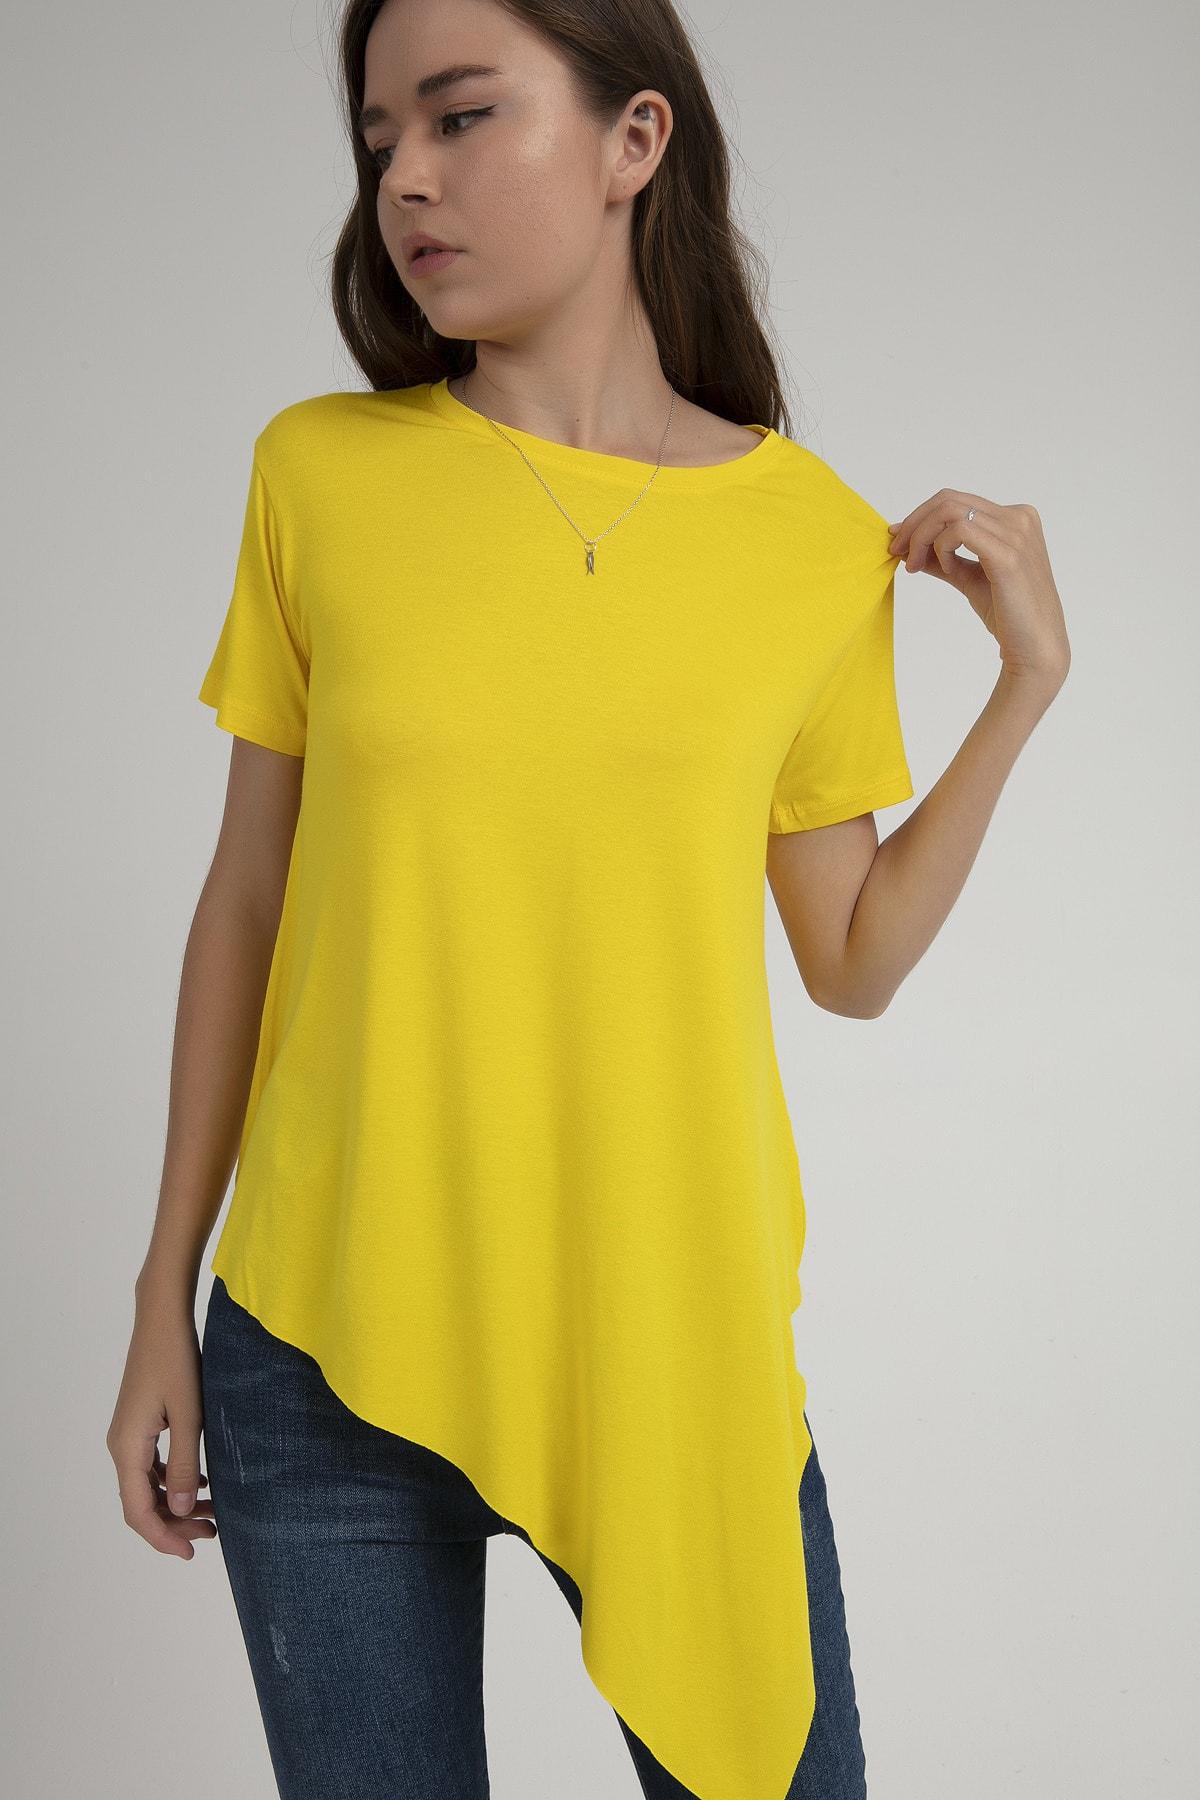 Kadın Sarı Asimetrik Kesim Viskon Kısa Kollu Tişört P21s201-2201